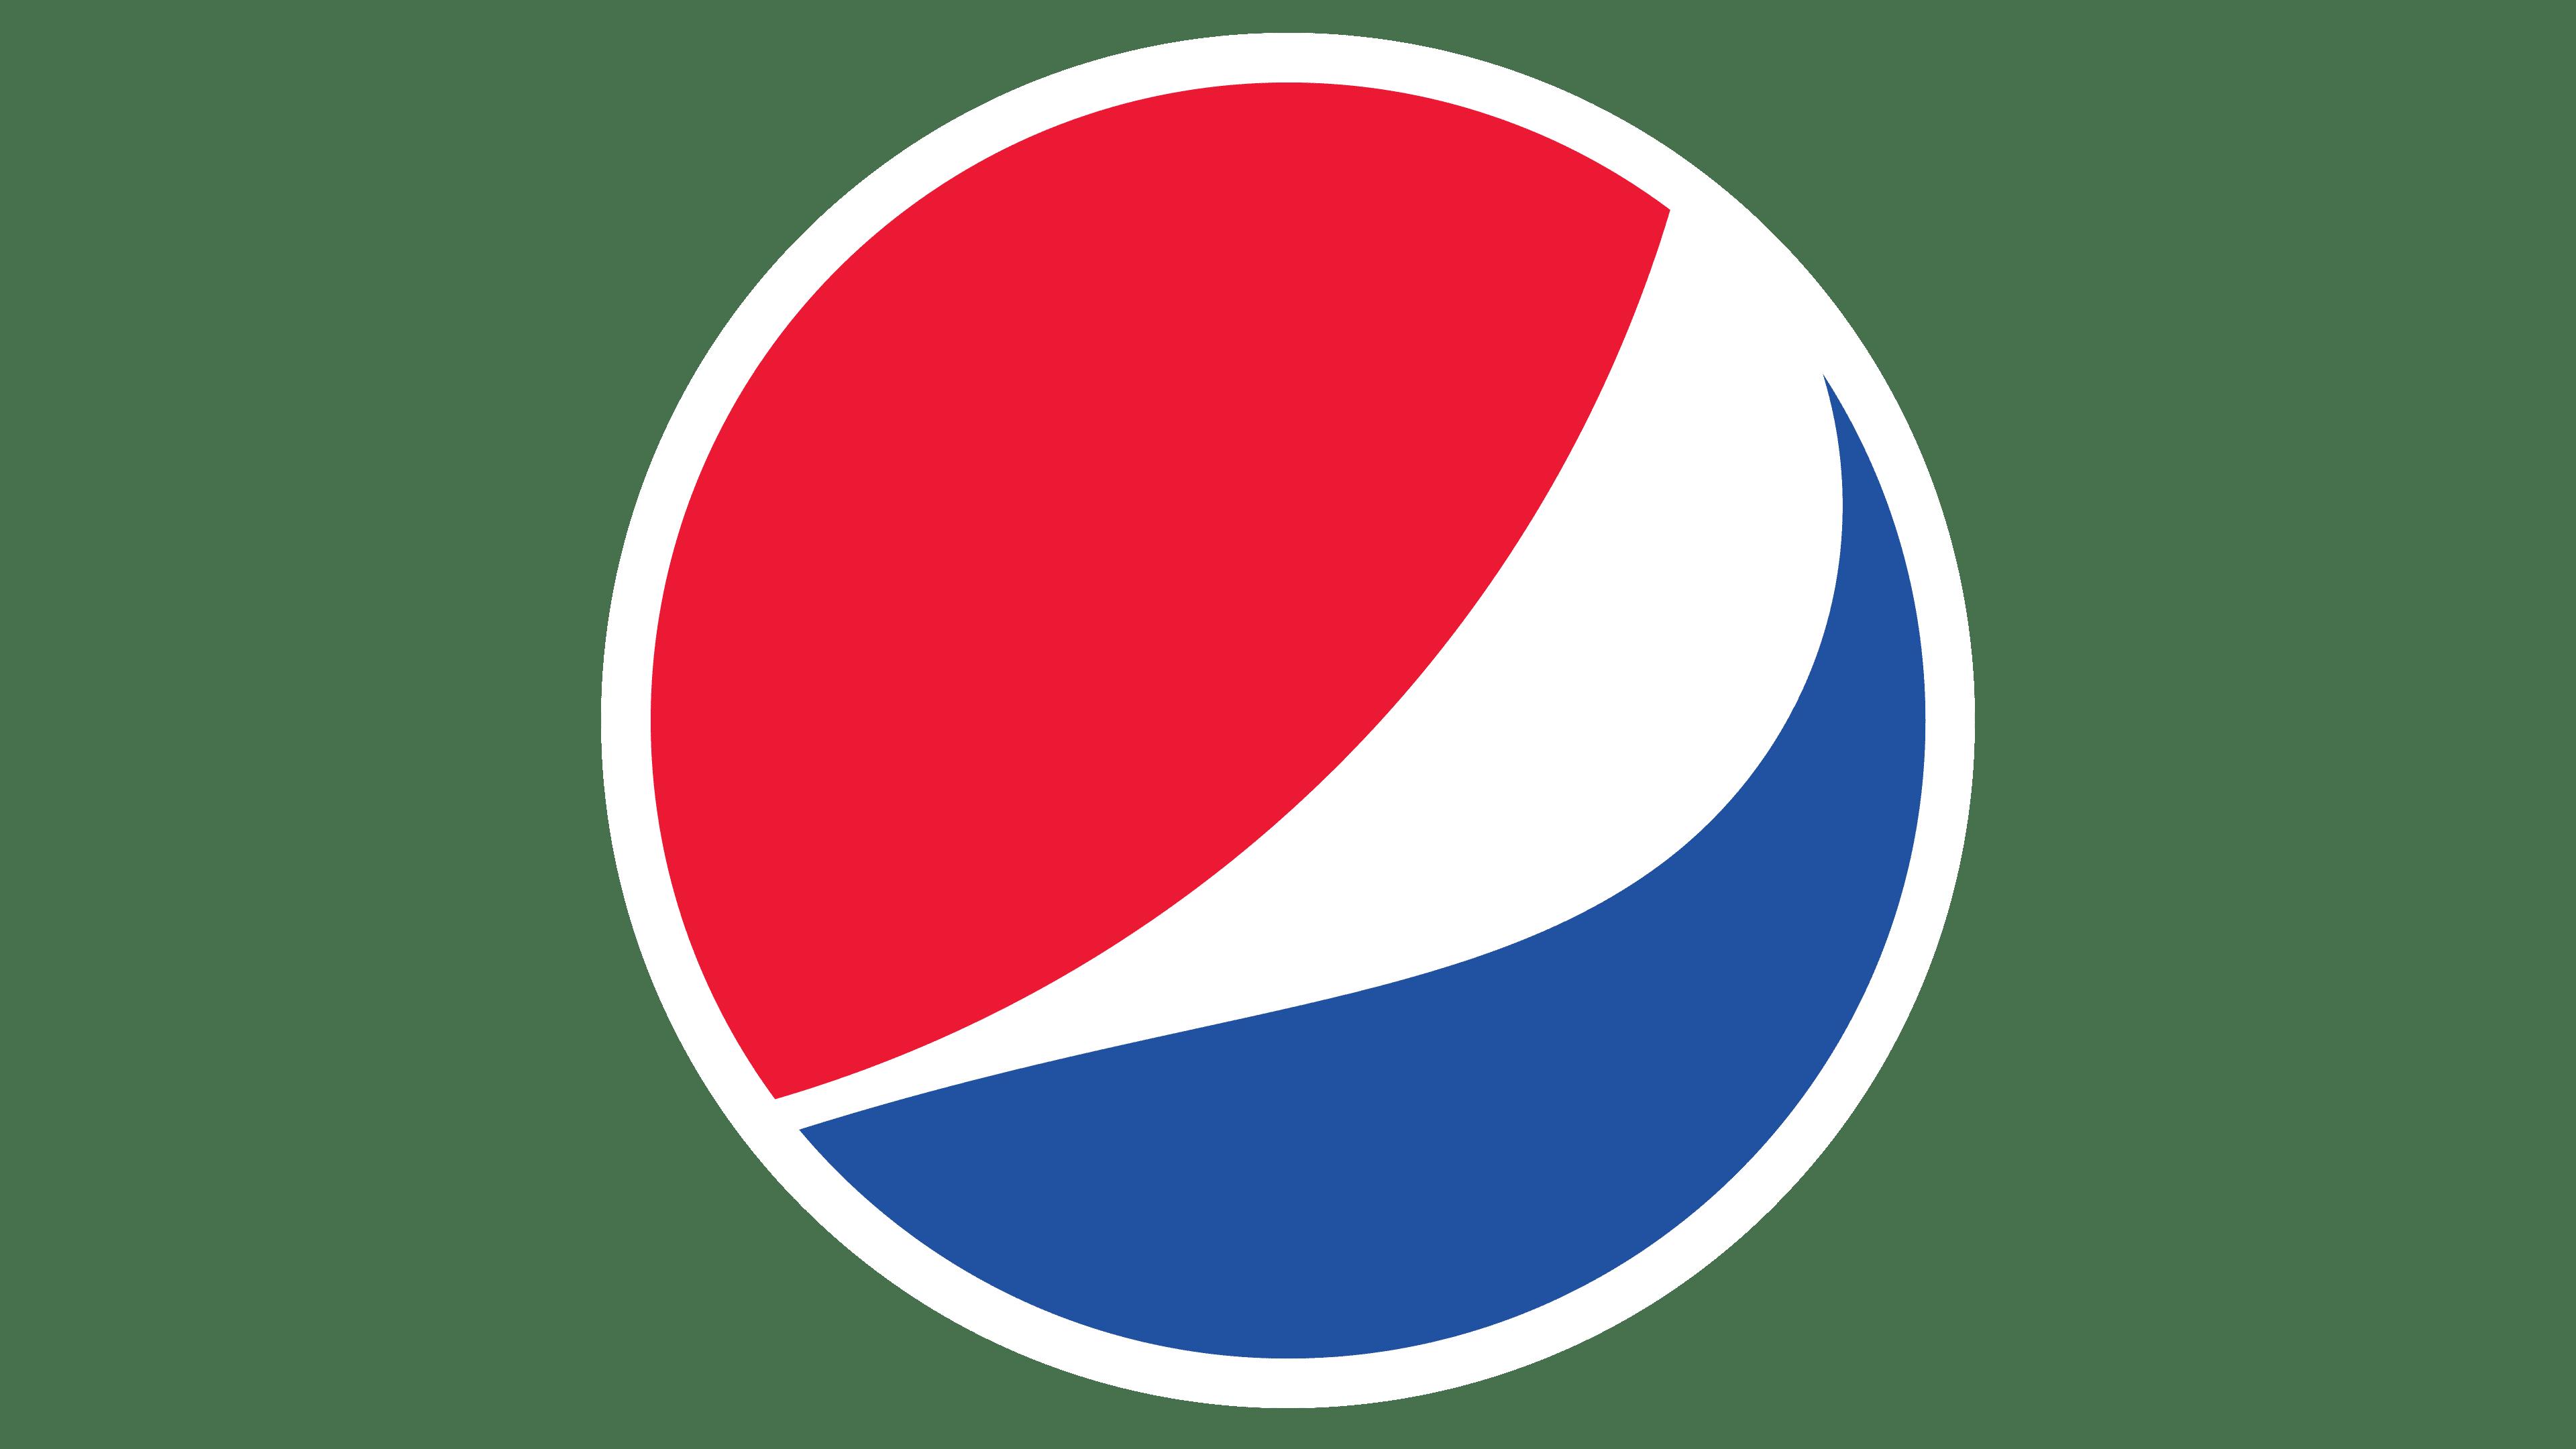 Pepsi symbol